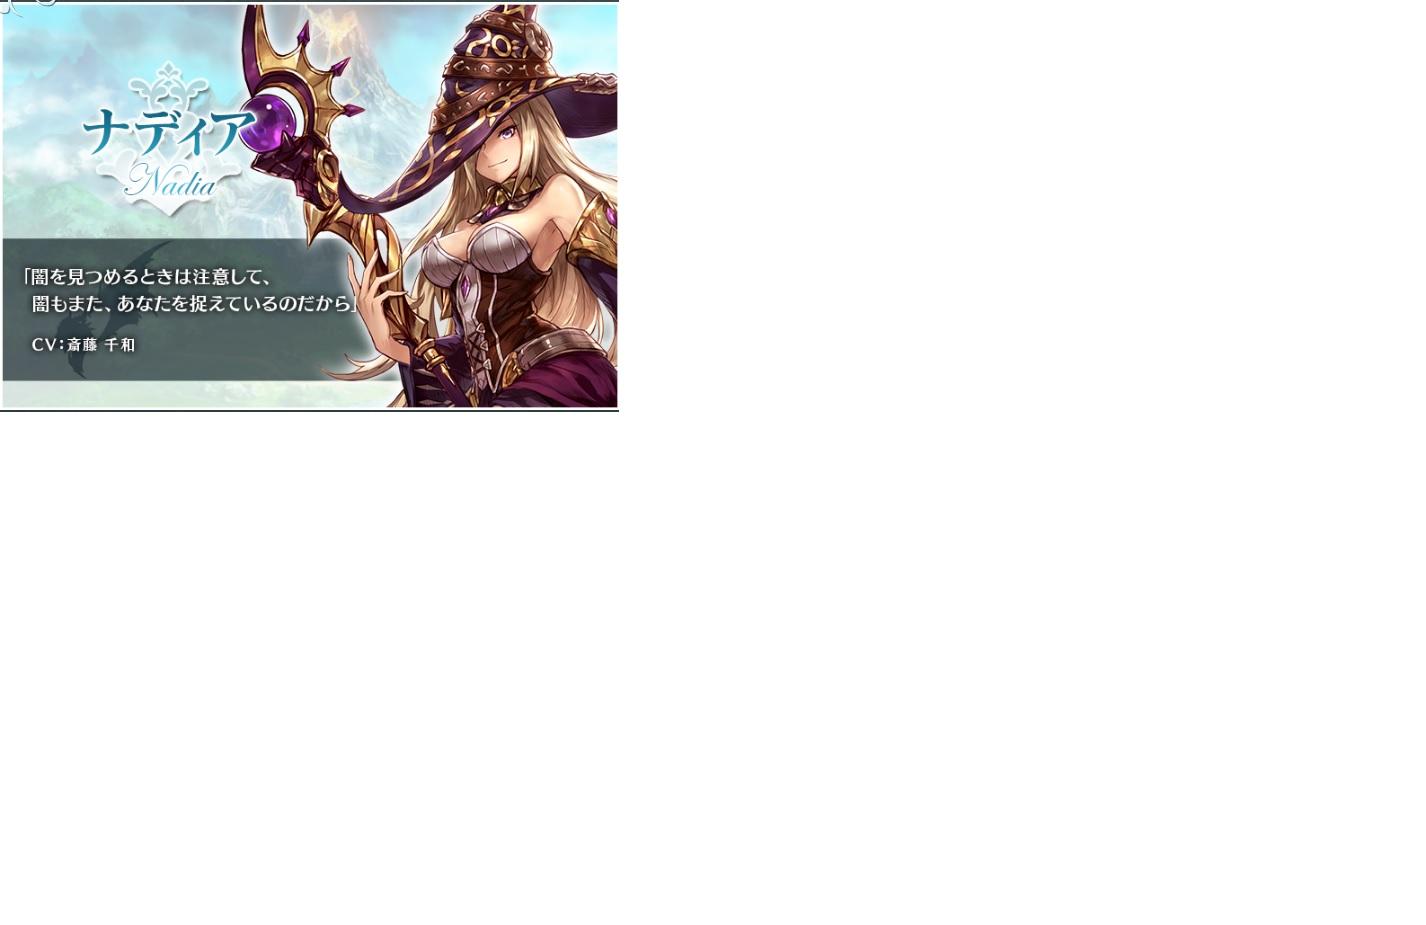 少女とドラゴン 幻獣契約クリプトラクト4